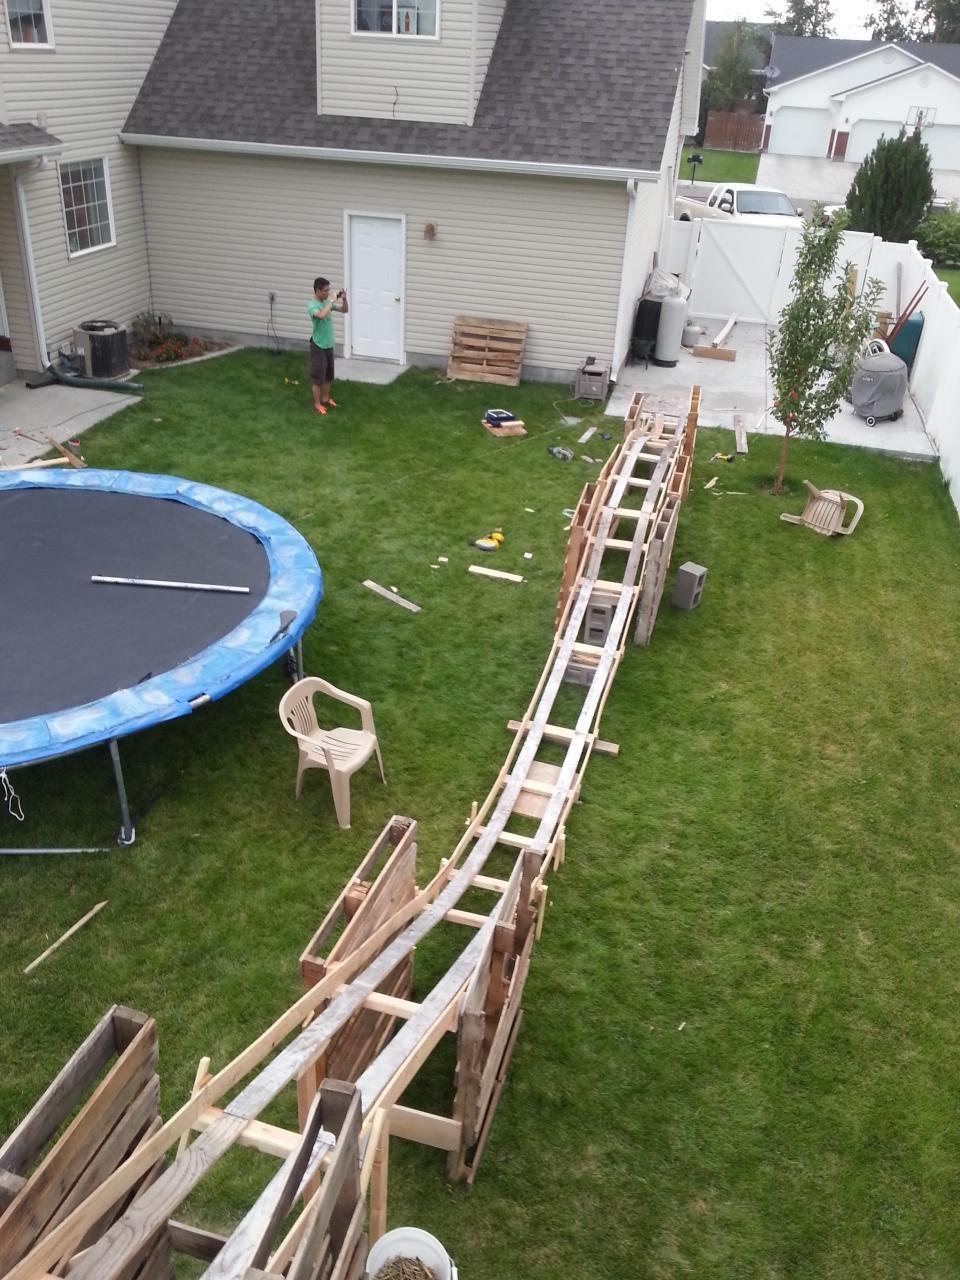 Backyard Rollercoaster Imgur Backyard Backyard Playset Backyard Playground Mini backyard roller coaster